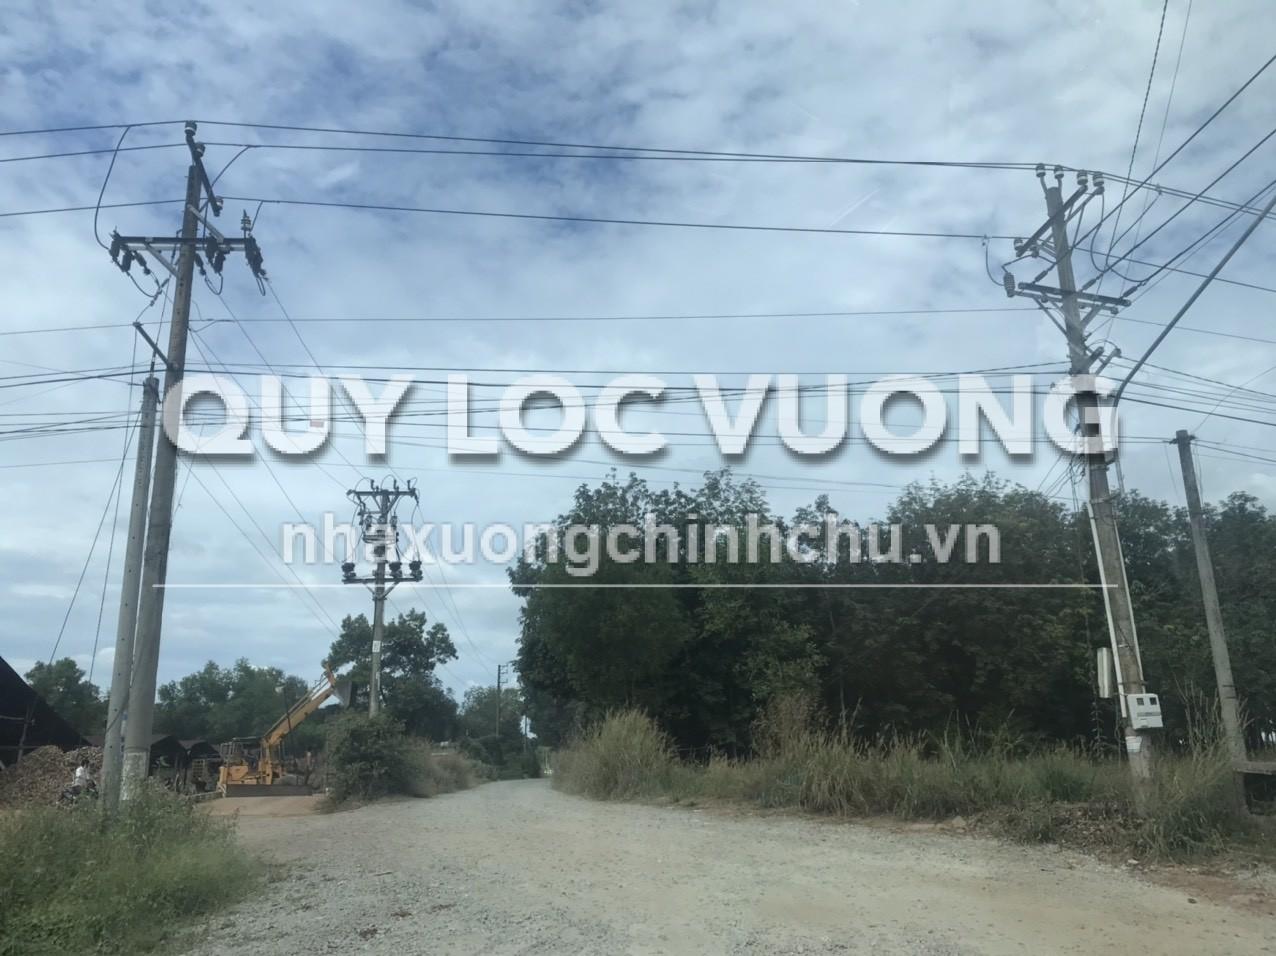 Bán đất và xưởng sản xuất gỗ xã Tân Hiệp huyện Phú giáo rộng 320.000m2